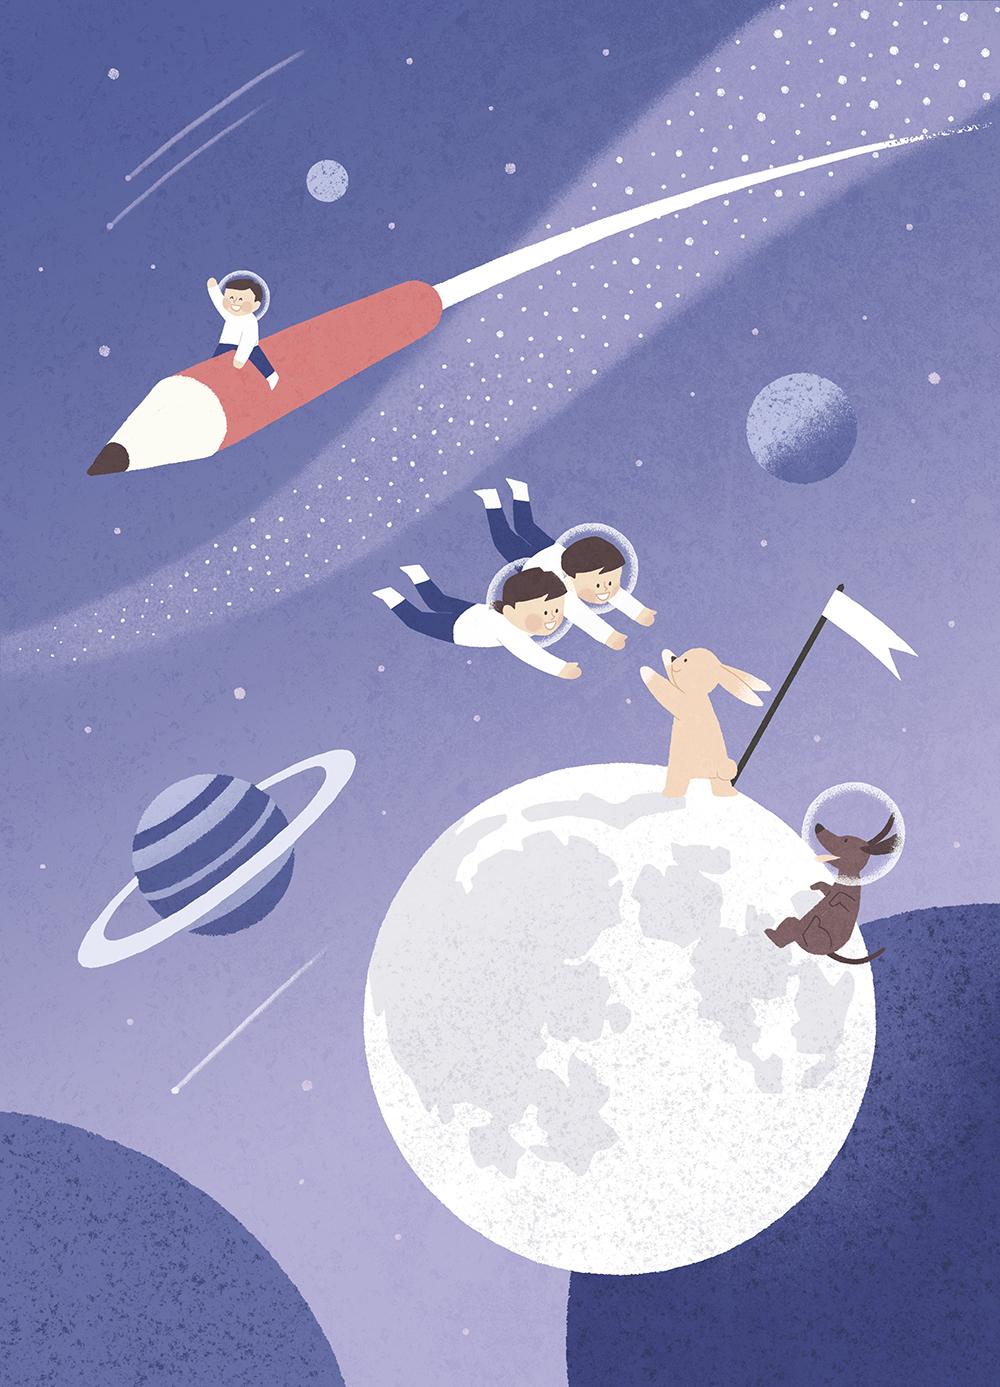 儿童梦想宇宙手绘背景插画PSD素材 插画-第2张